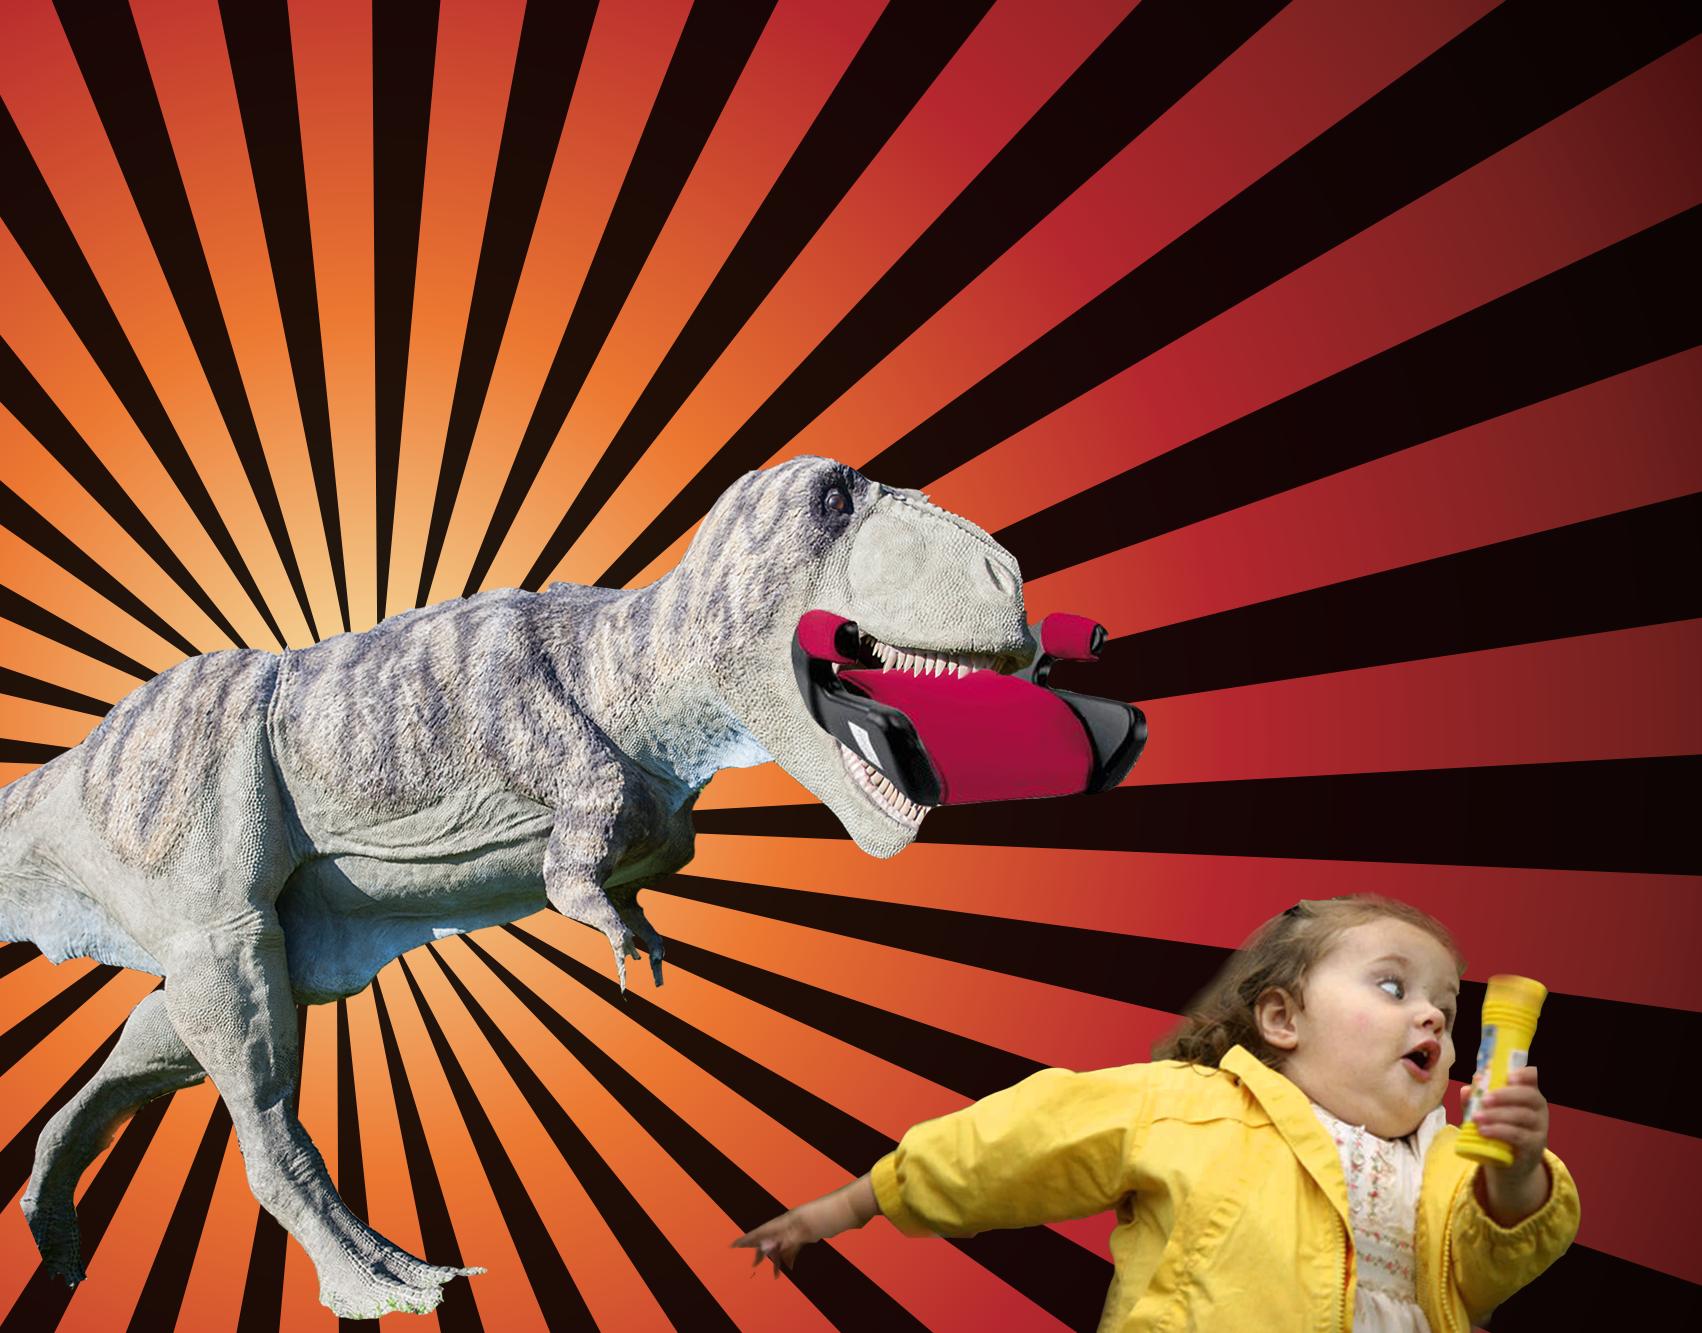 Inspekcje i dinozaury, czyli fotelikowe skamieniałości